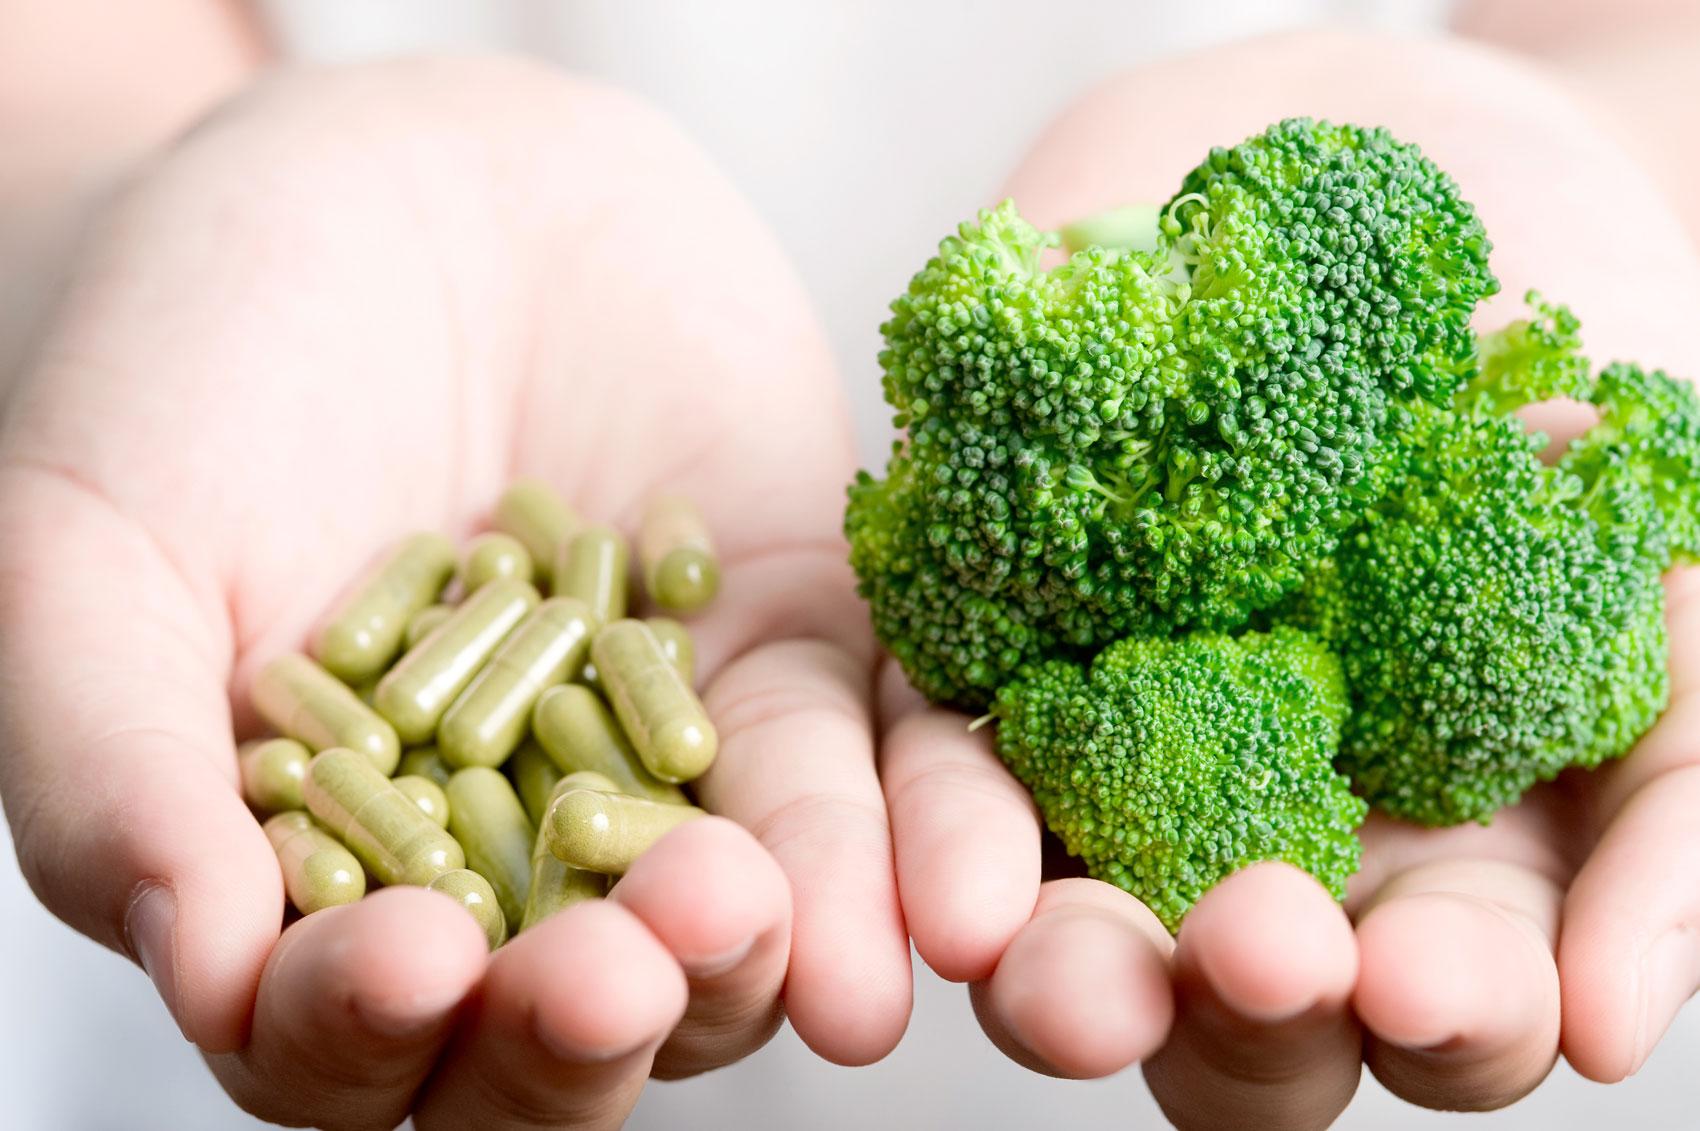 vitamina d: i 5 cibi che ne hanno di più